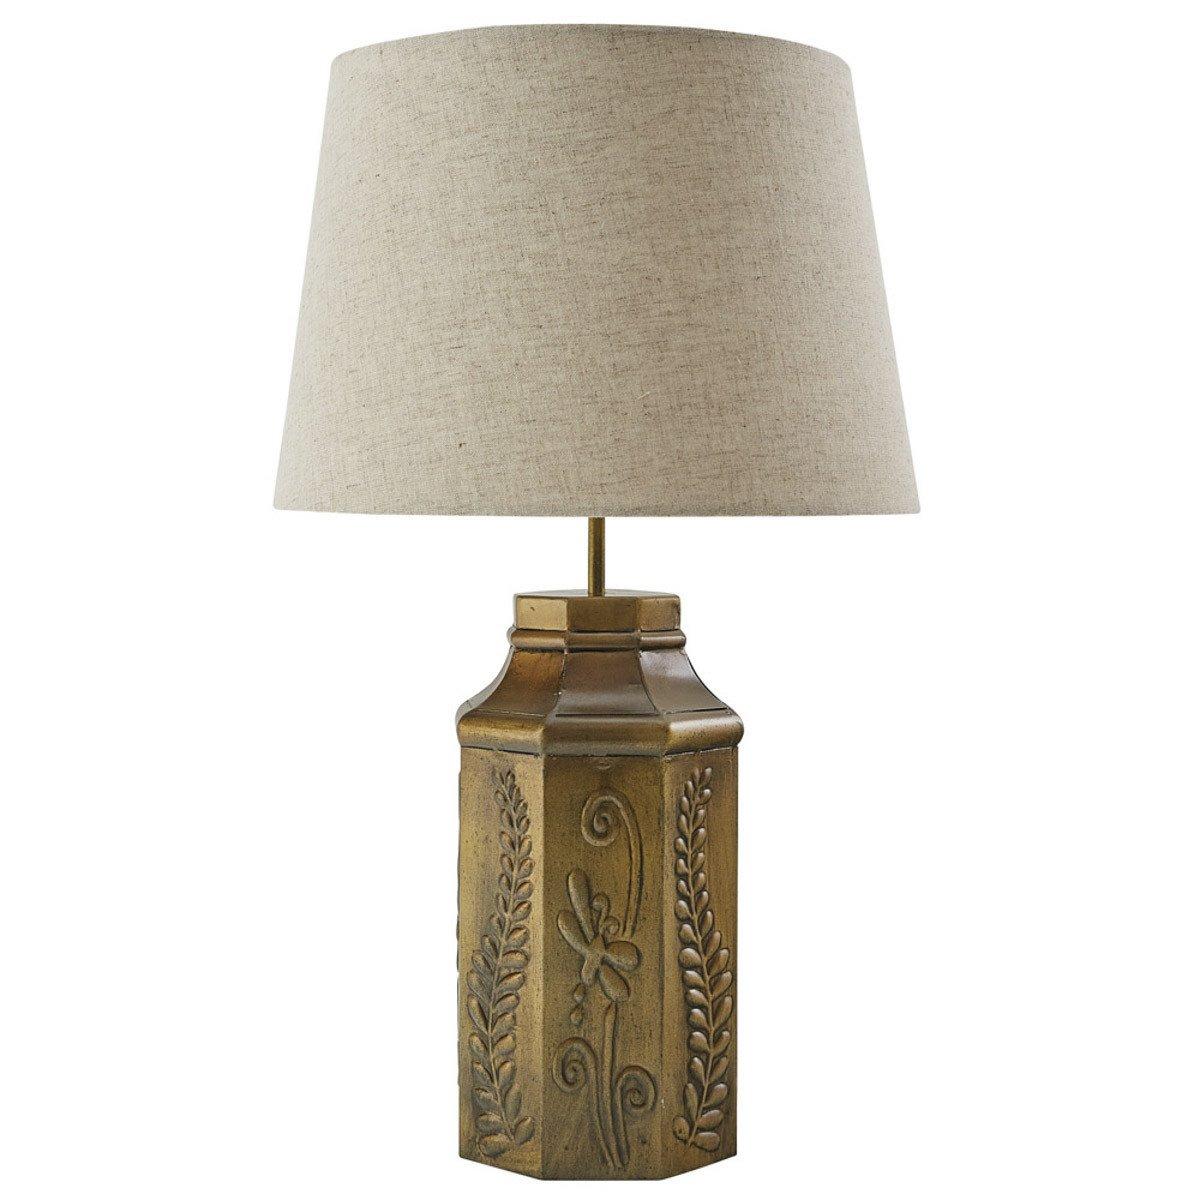 Garden Botanist Lamp with Shade